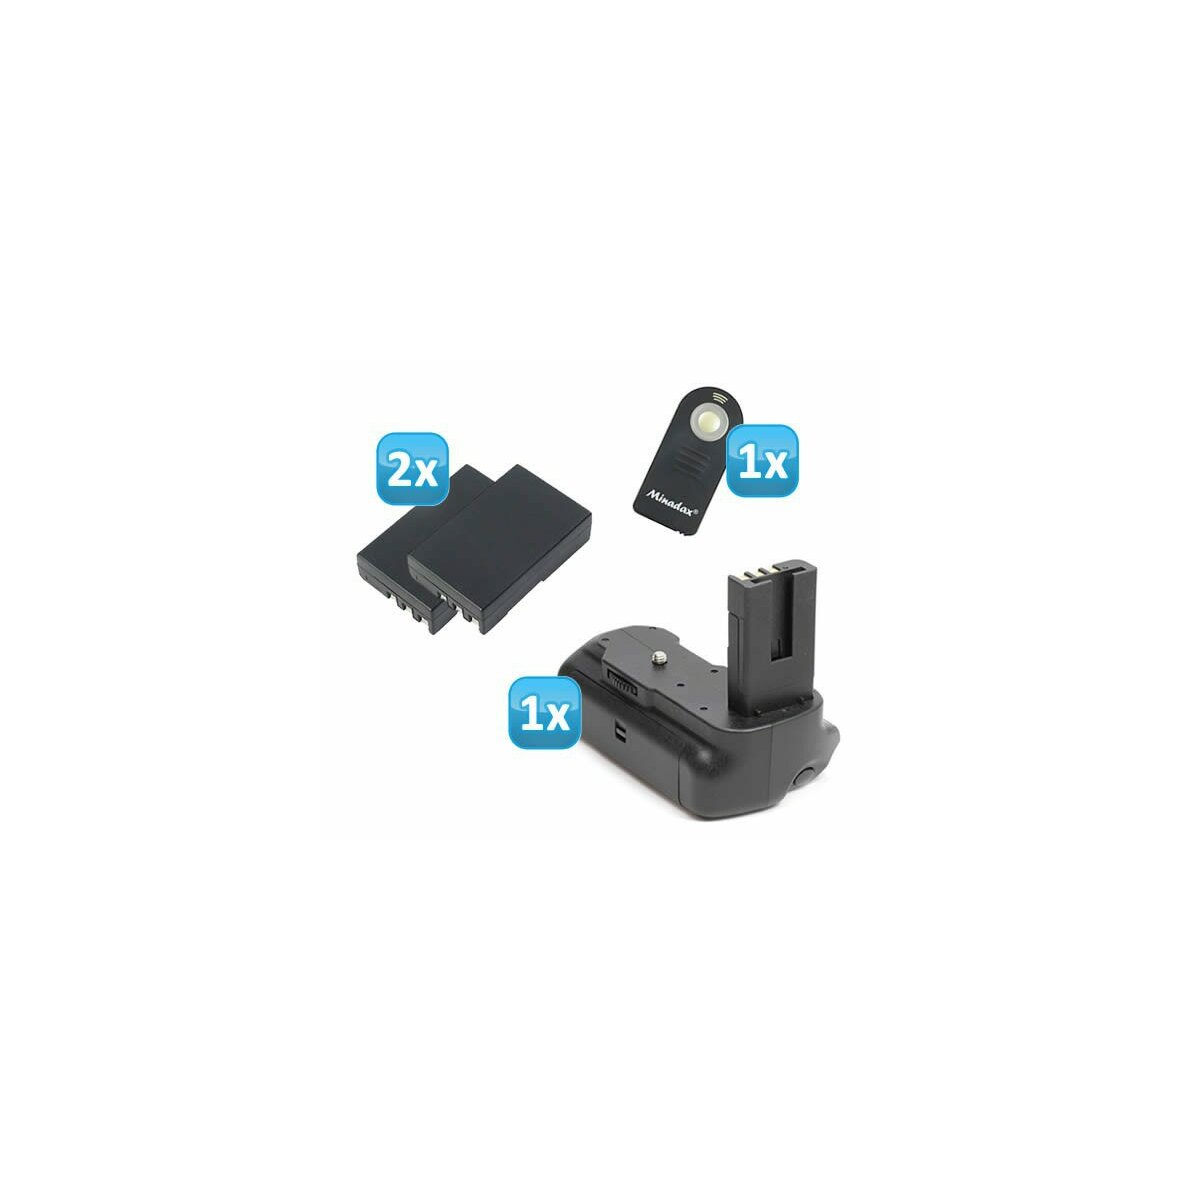 Minadax Profi Batteriegriff kompatibel mit Nikon D5000 - hochwertiger Handgriff mit Hochformatauslöser - doppelte Kapazität durch 2 Akkus + 2x EN-EL9 Nachbau-Akkus + 1x Infrarot Fernbedienung!